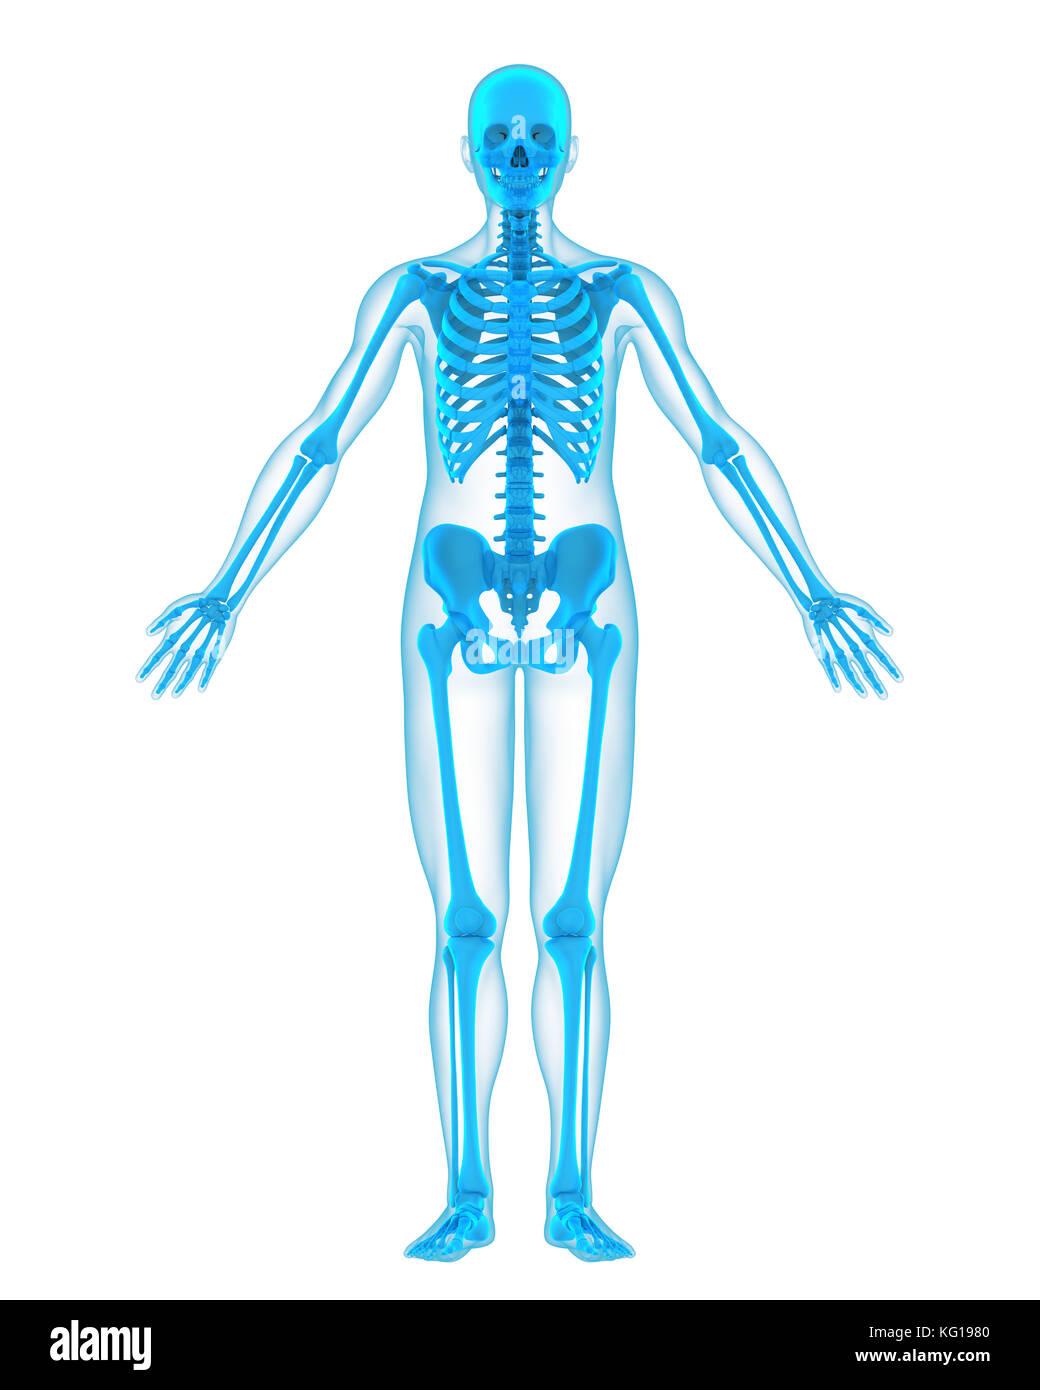 Menschliches Skelett Anatomie Stockfoto, Bild: 164757040 - Alamy